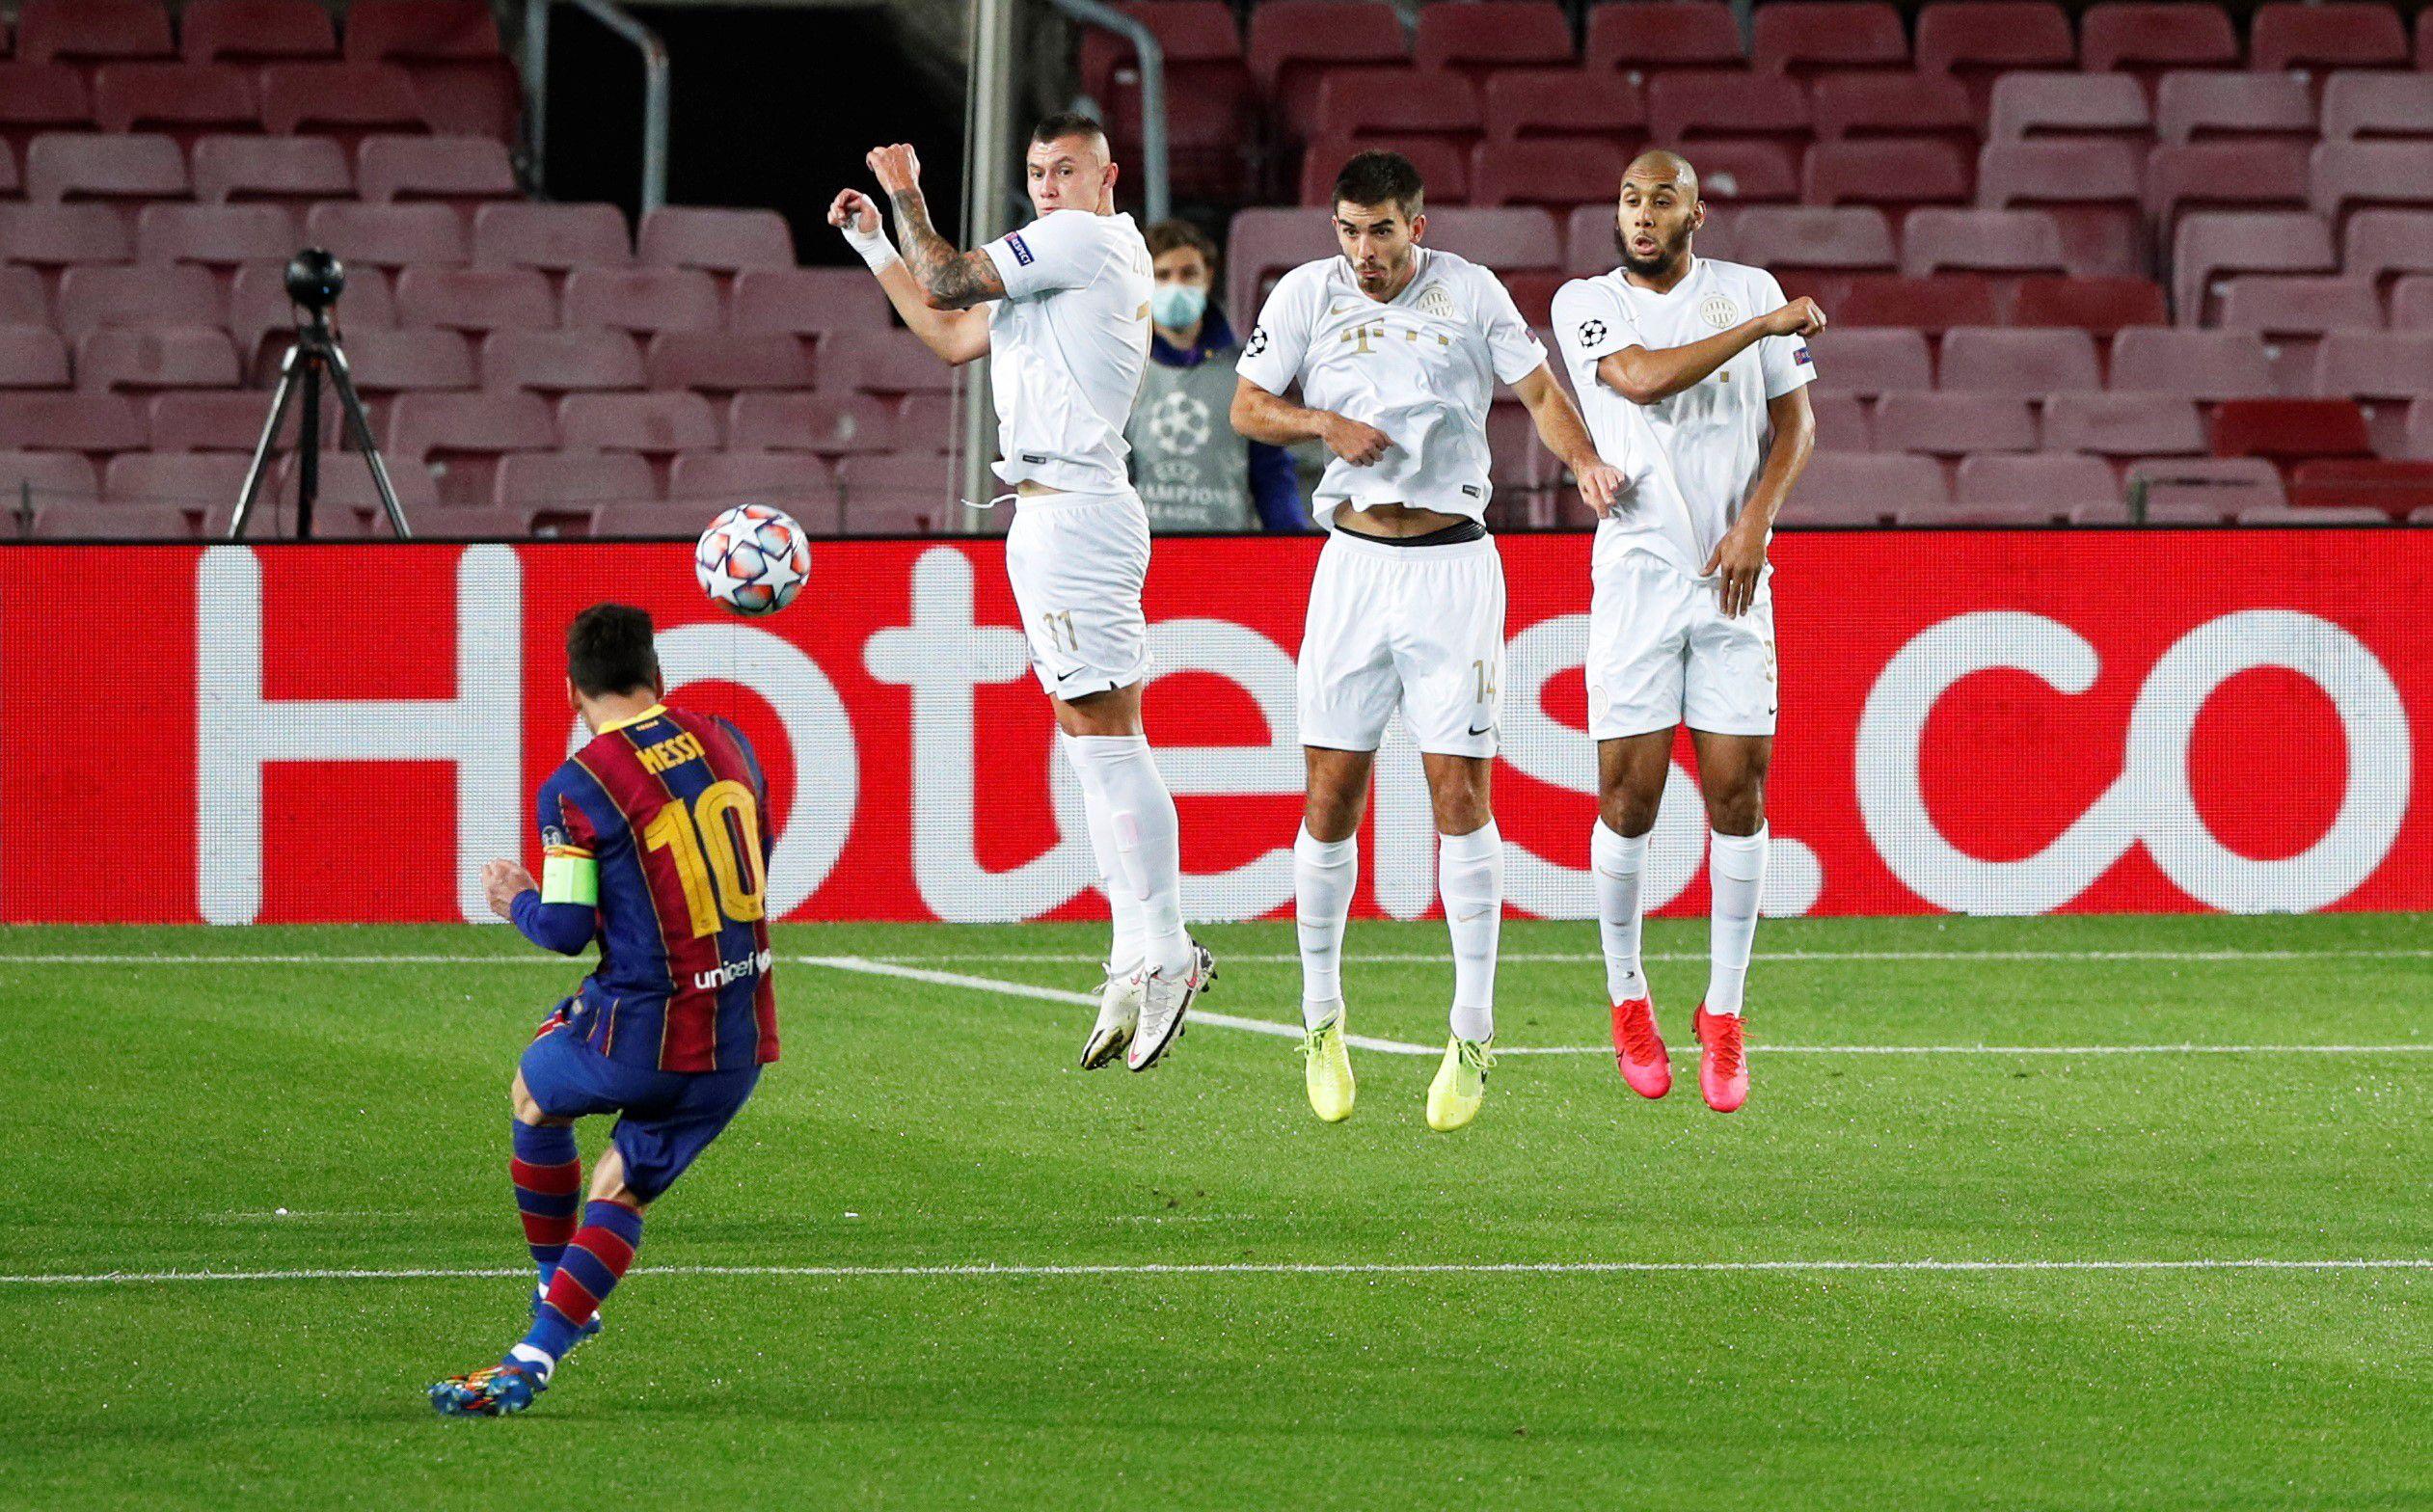 EN VIVO: Con un gol de Messi, Barcelona le gana al Ferencvaros por 1 a 0 en el debut de la Champions